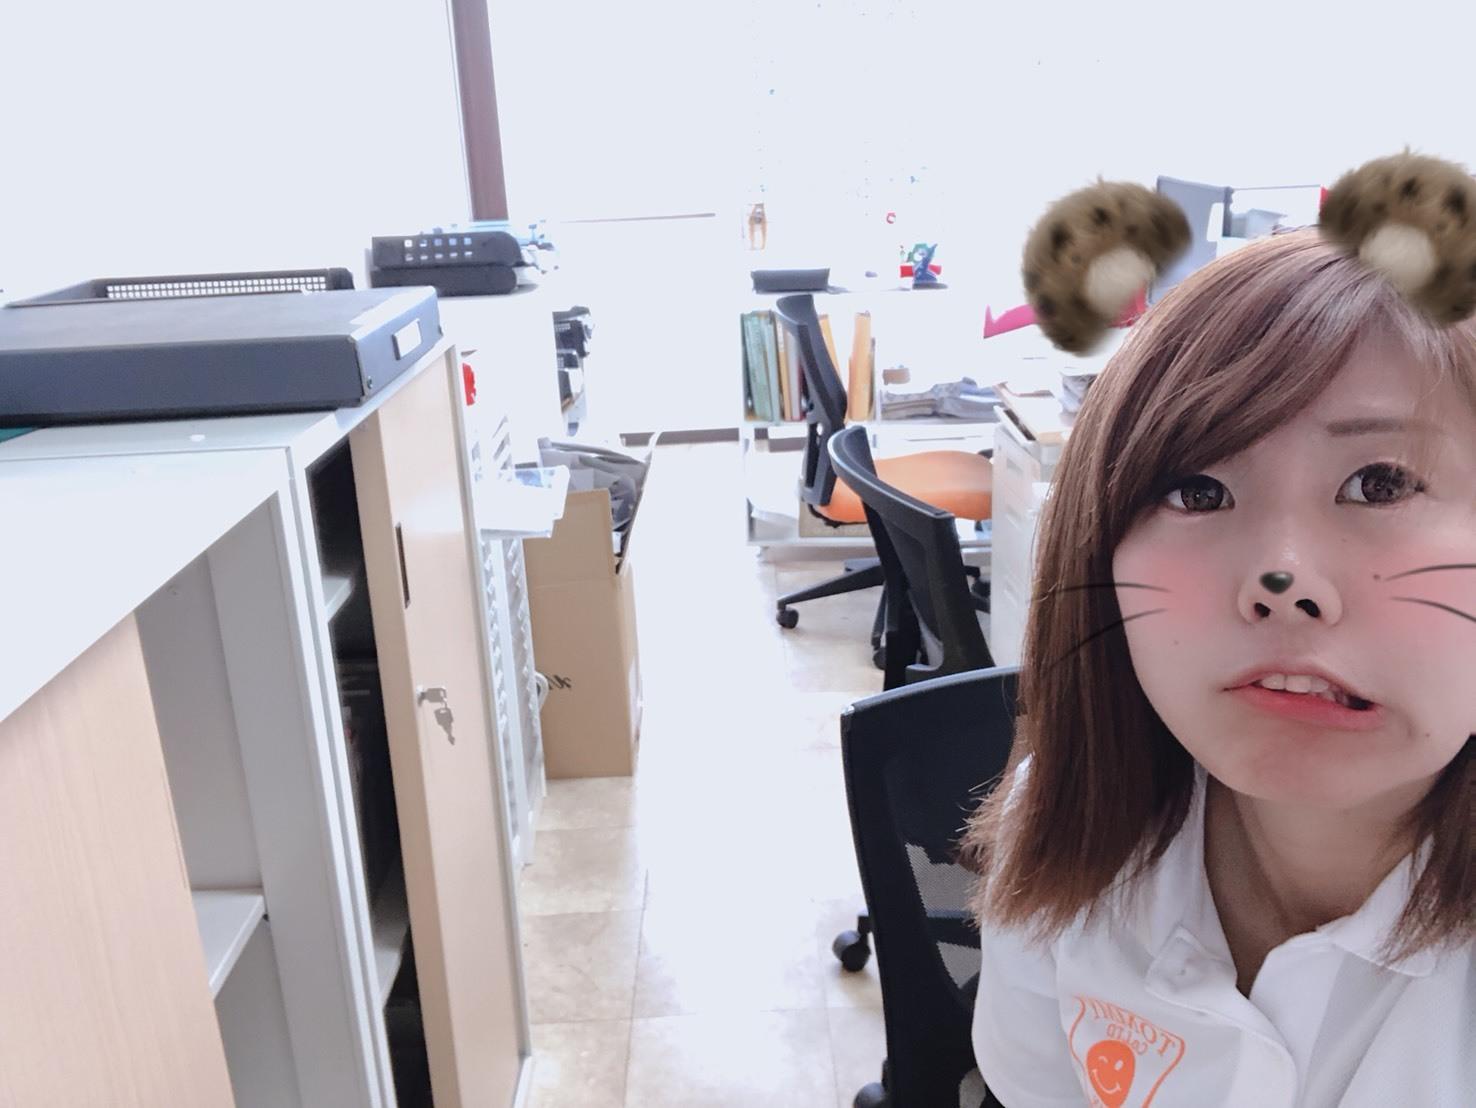 9月25日(火)TOMMY本店ブログ♪ ランクル ハマーアルファード_b0127002_18342790.jpg